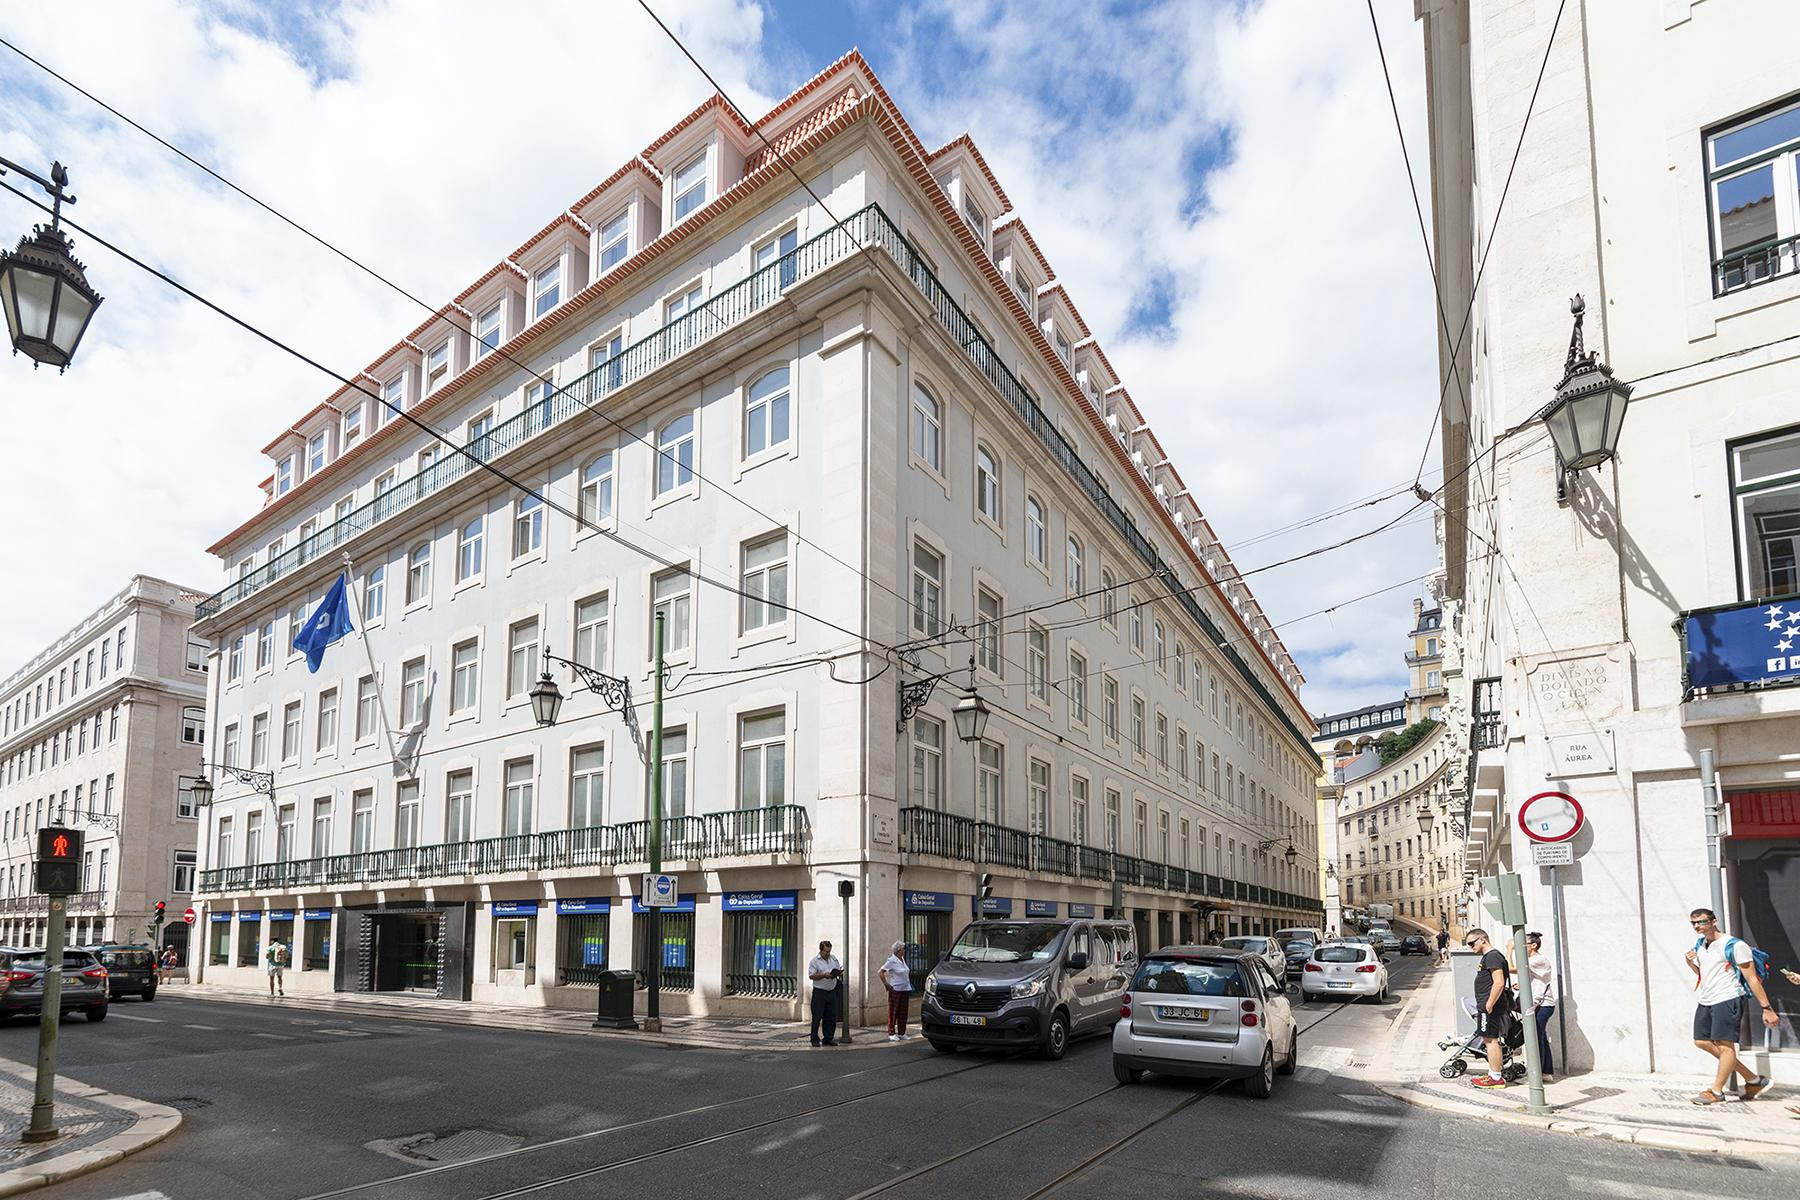 Quarteirão da CGD na Rua do Ouro tem cerca de 13.000 m2 / Cushman & Wakefield